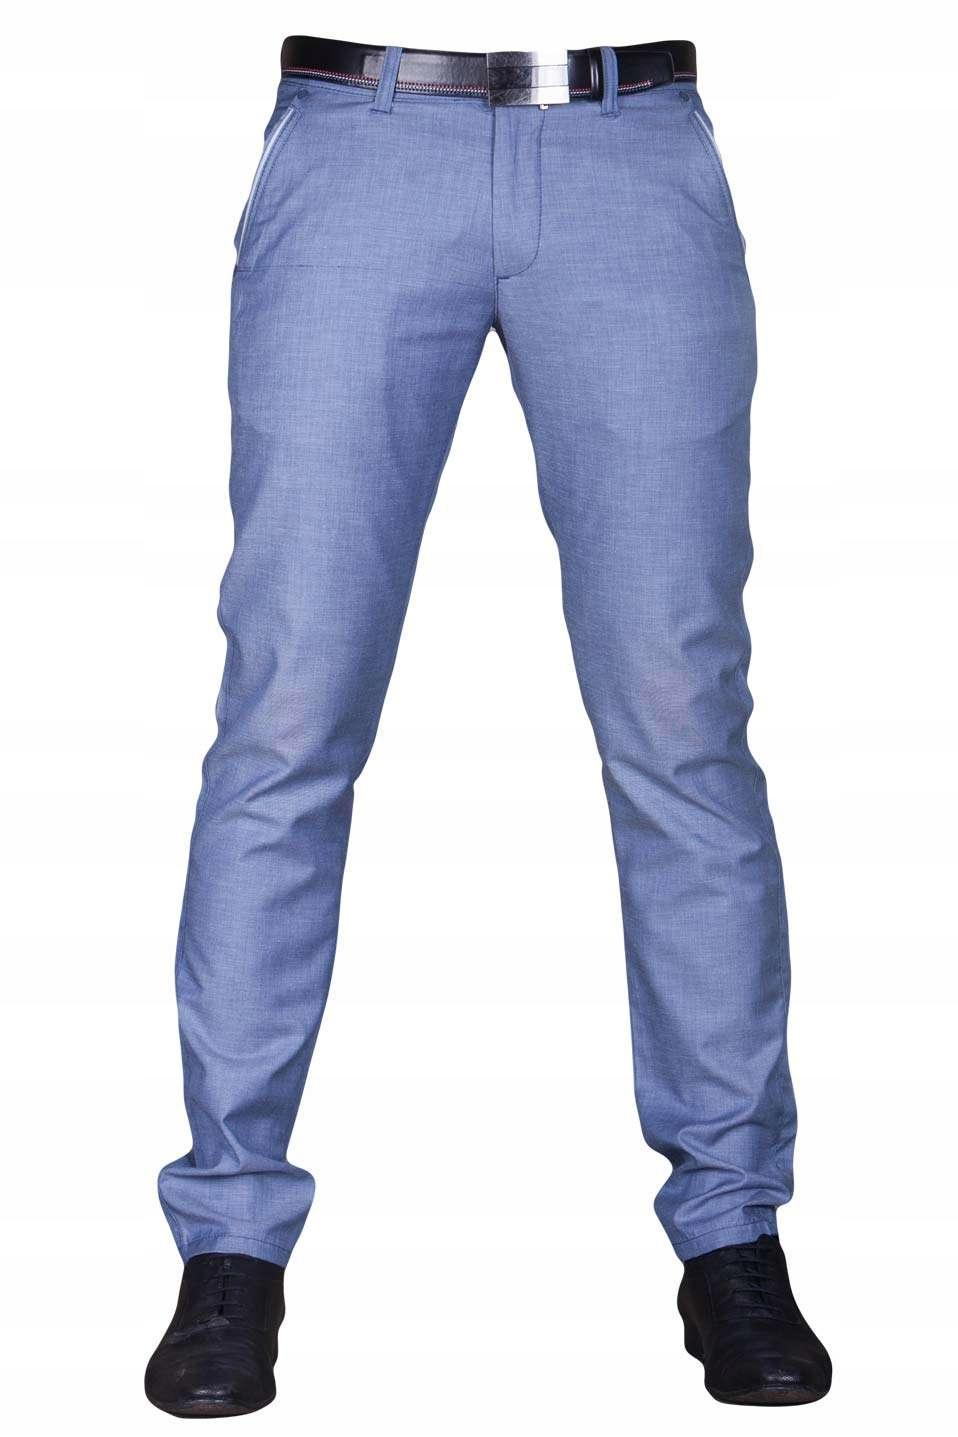 9abcc3e81da50 Spodnie indygo cienkie 1710 fashionmen2 rozm. 38 - 7314406001 ...